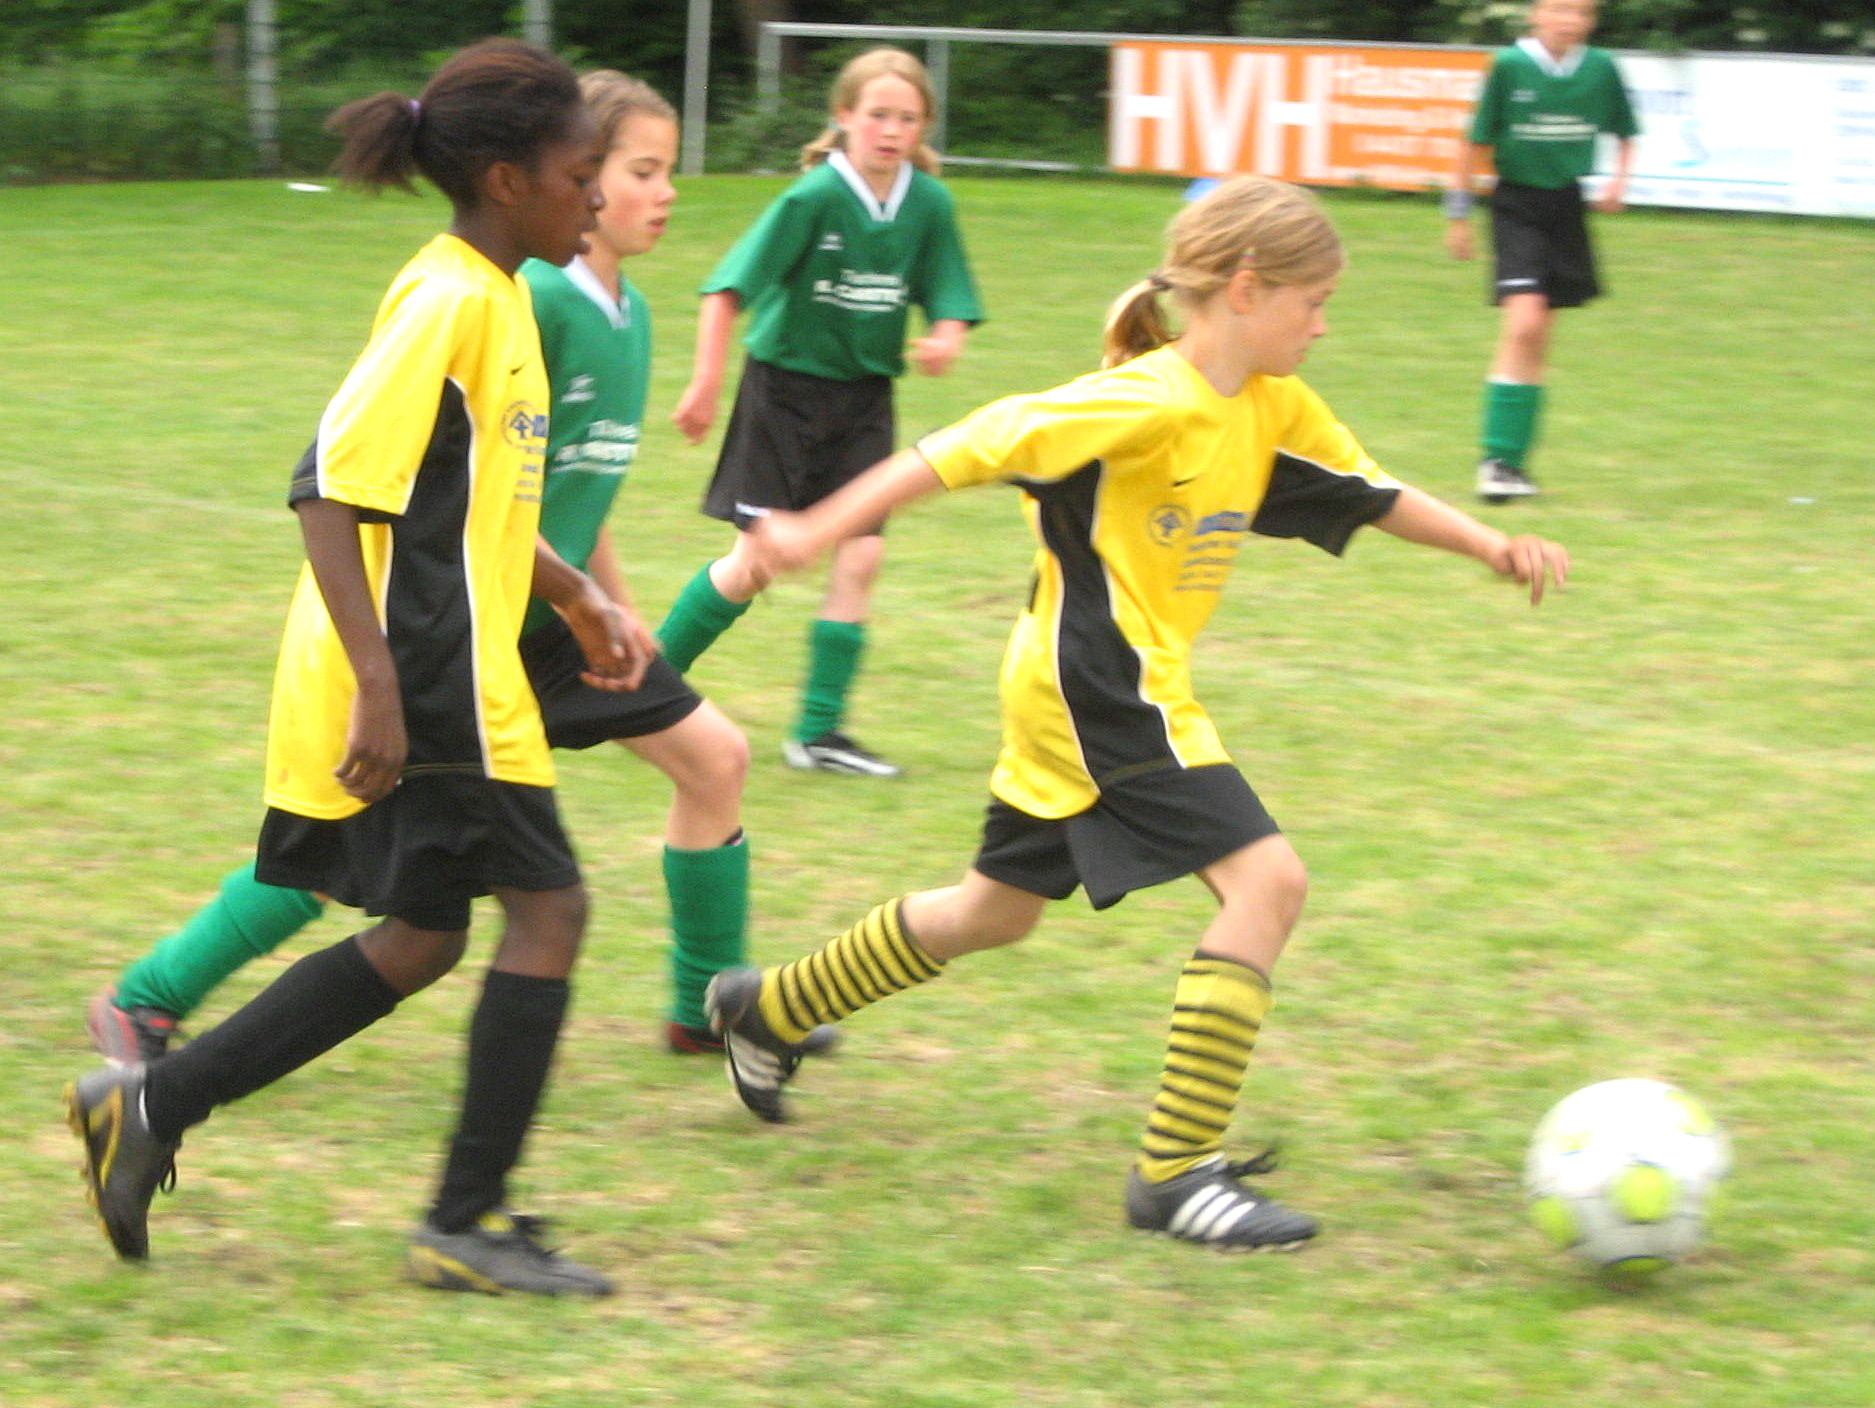 """Aus dem Abseits ins Leben"""" - Mädchenfußball als Weg aus der Isolation (Quelle: FC Ohmstede)"""